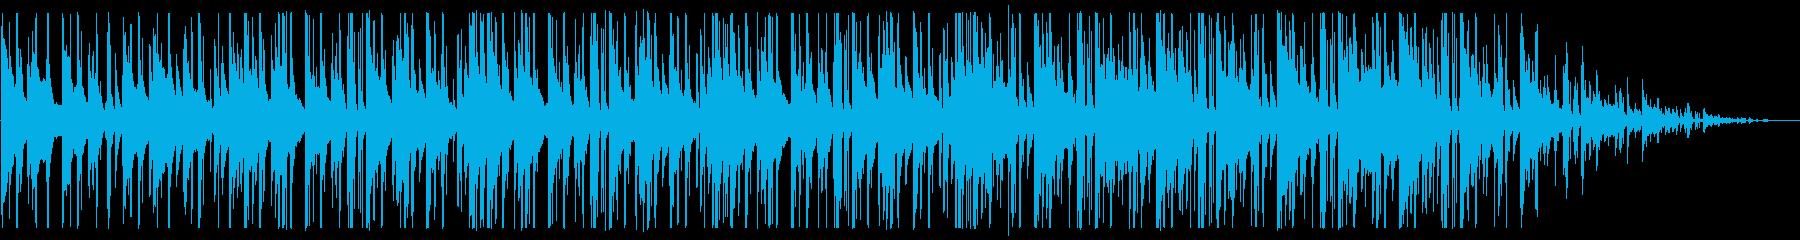 神秘的/ヒーリング_No477_3の再生済みの波形